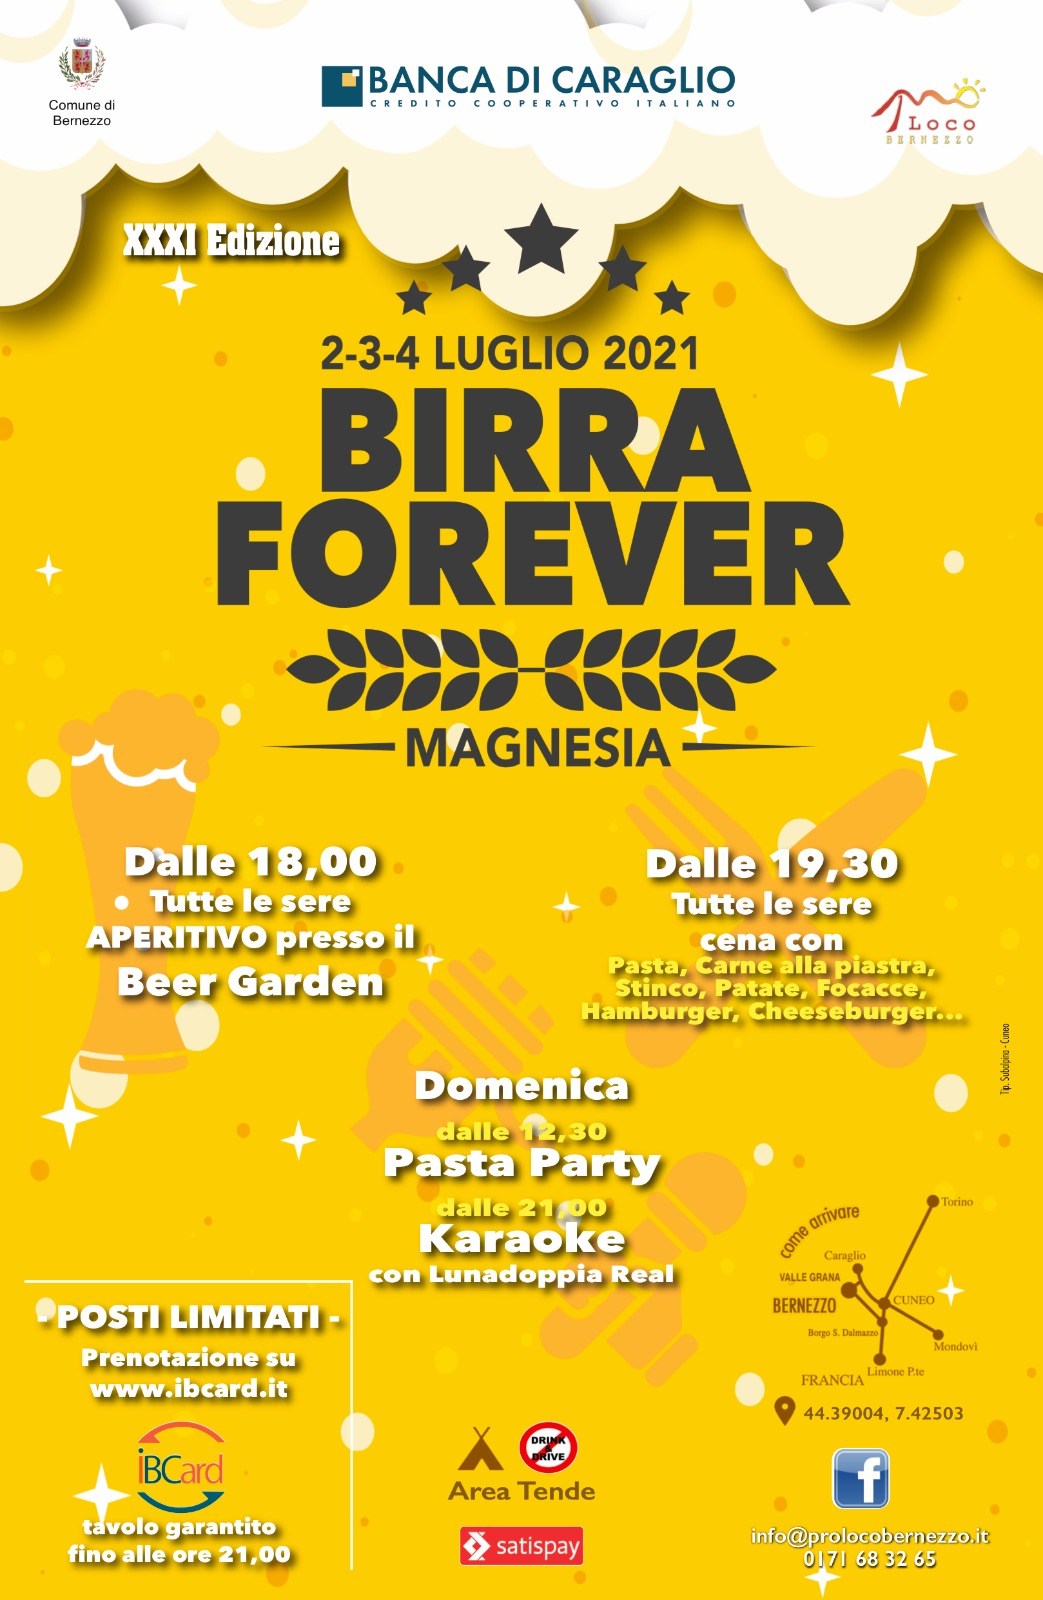 04 BIRRA FOREVER - MAGNESIA